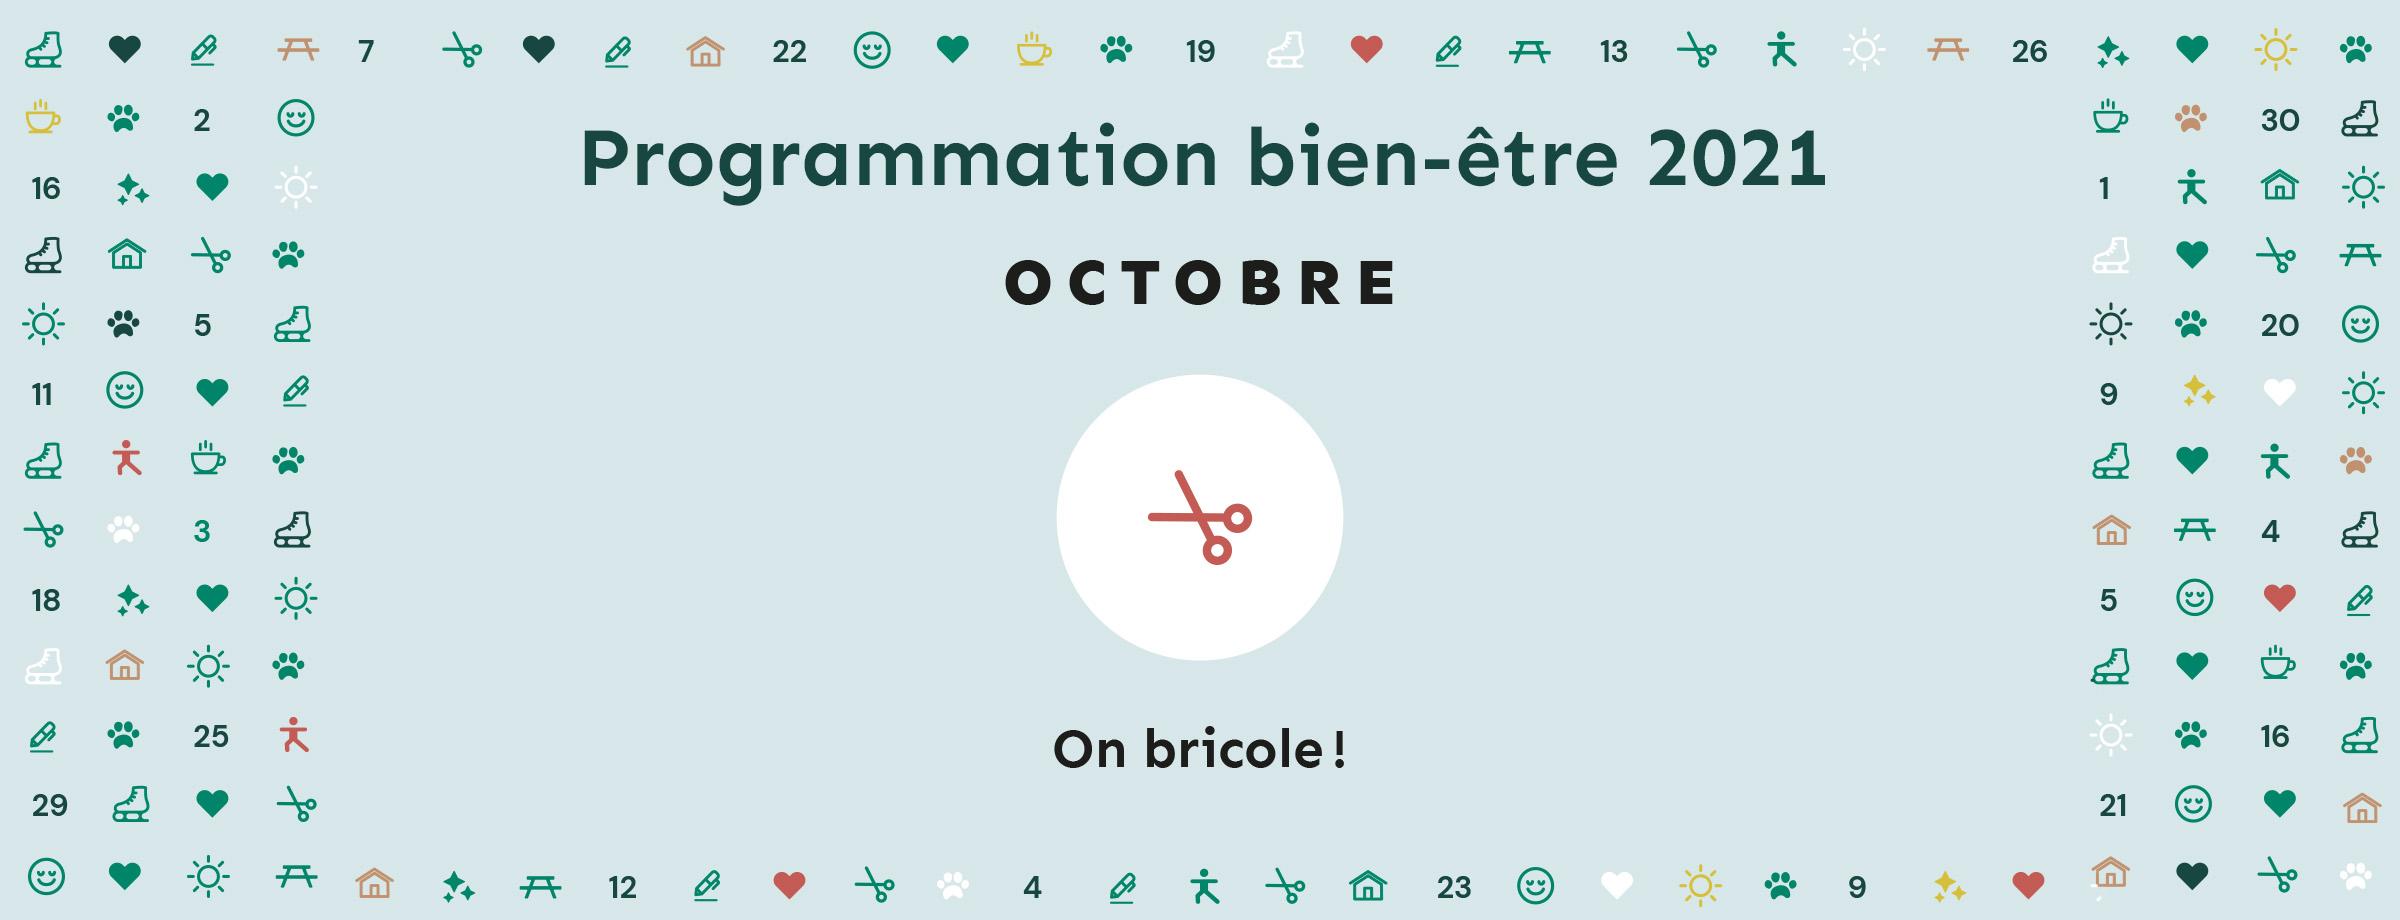 Programmation bien-être 2021   Thématique octobre